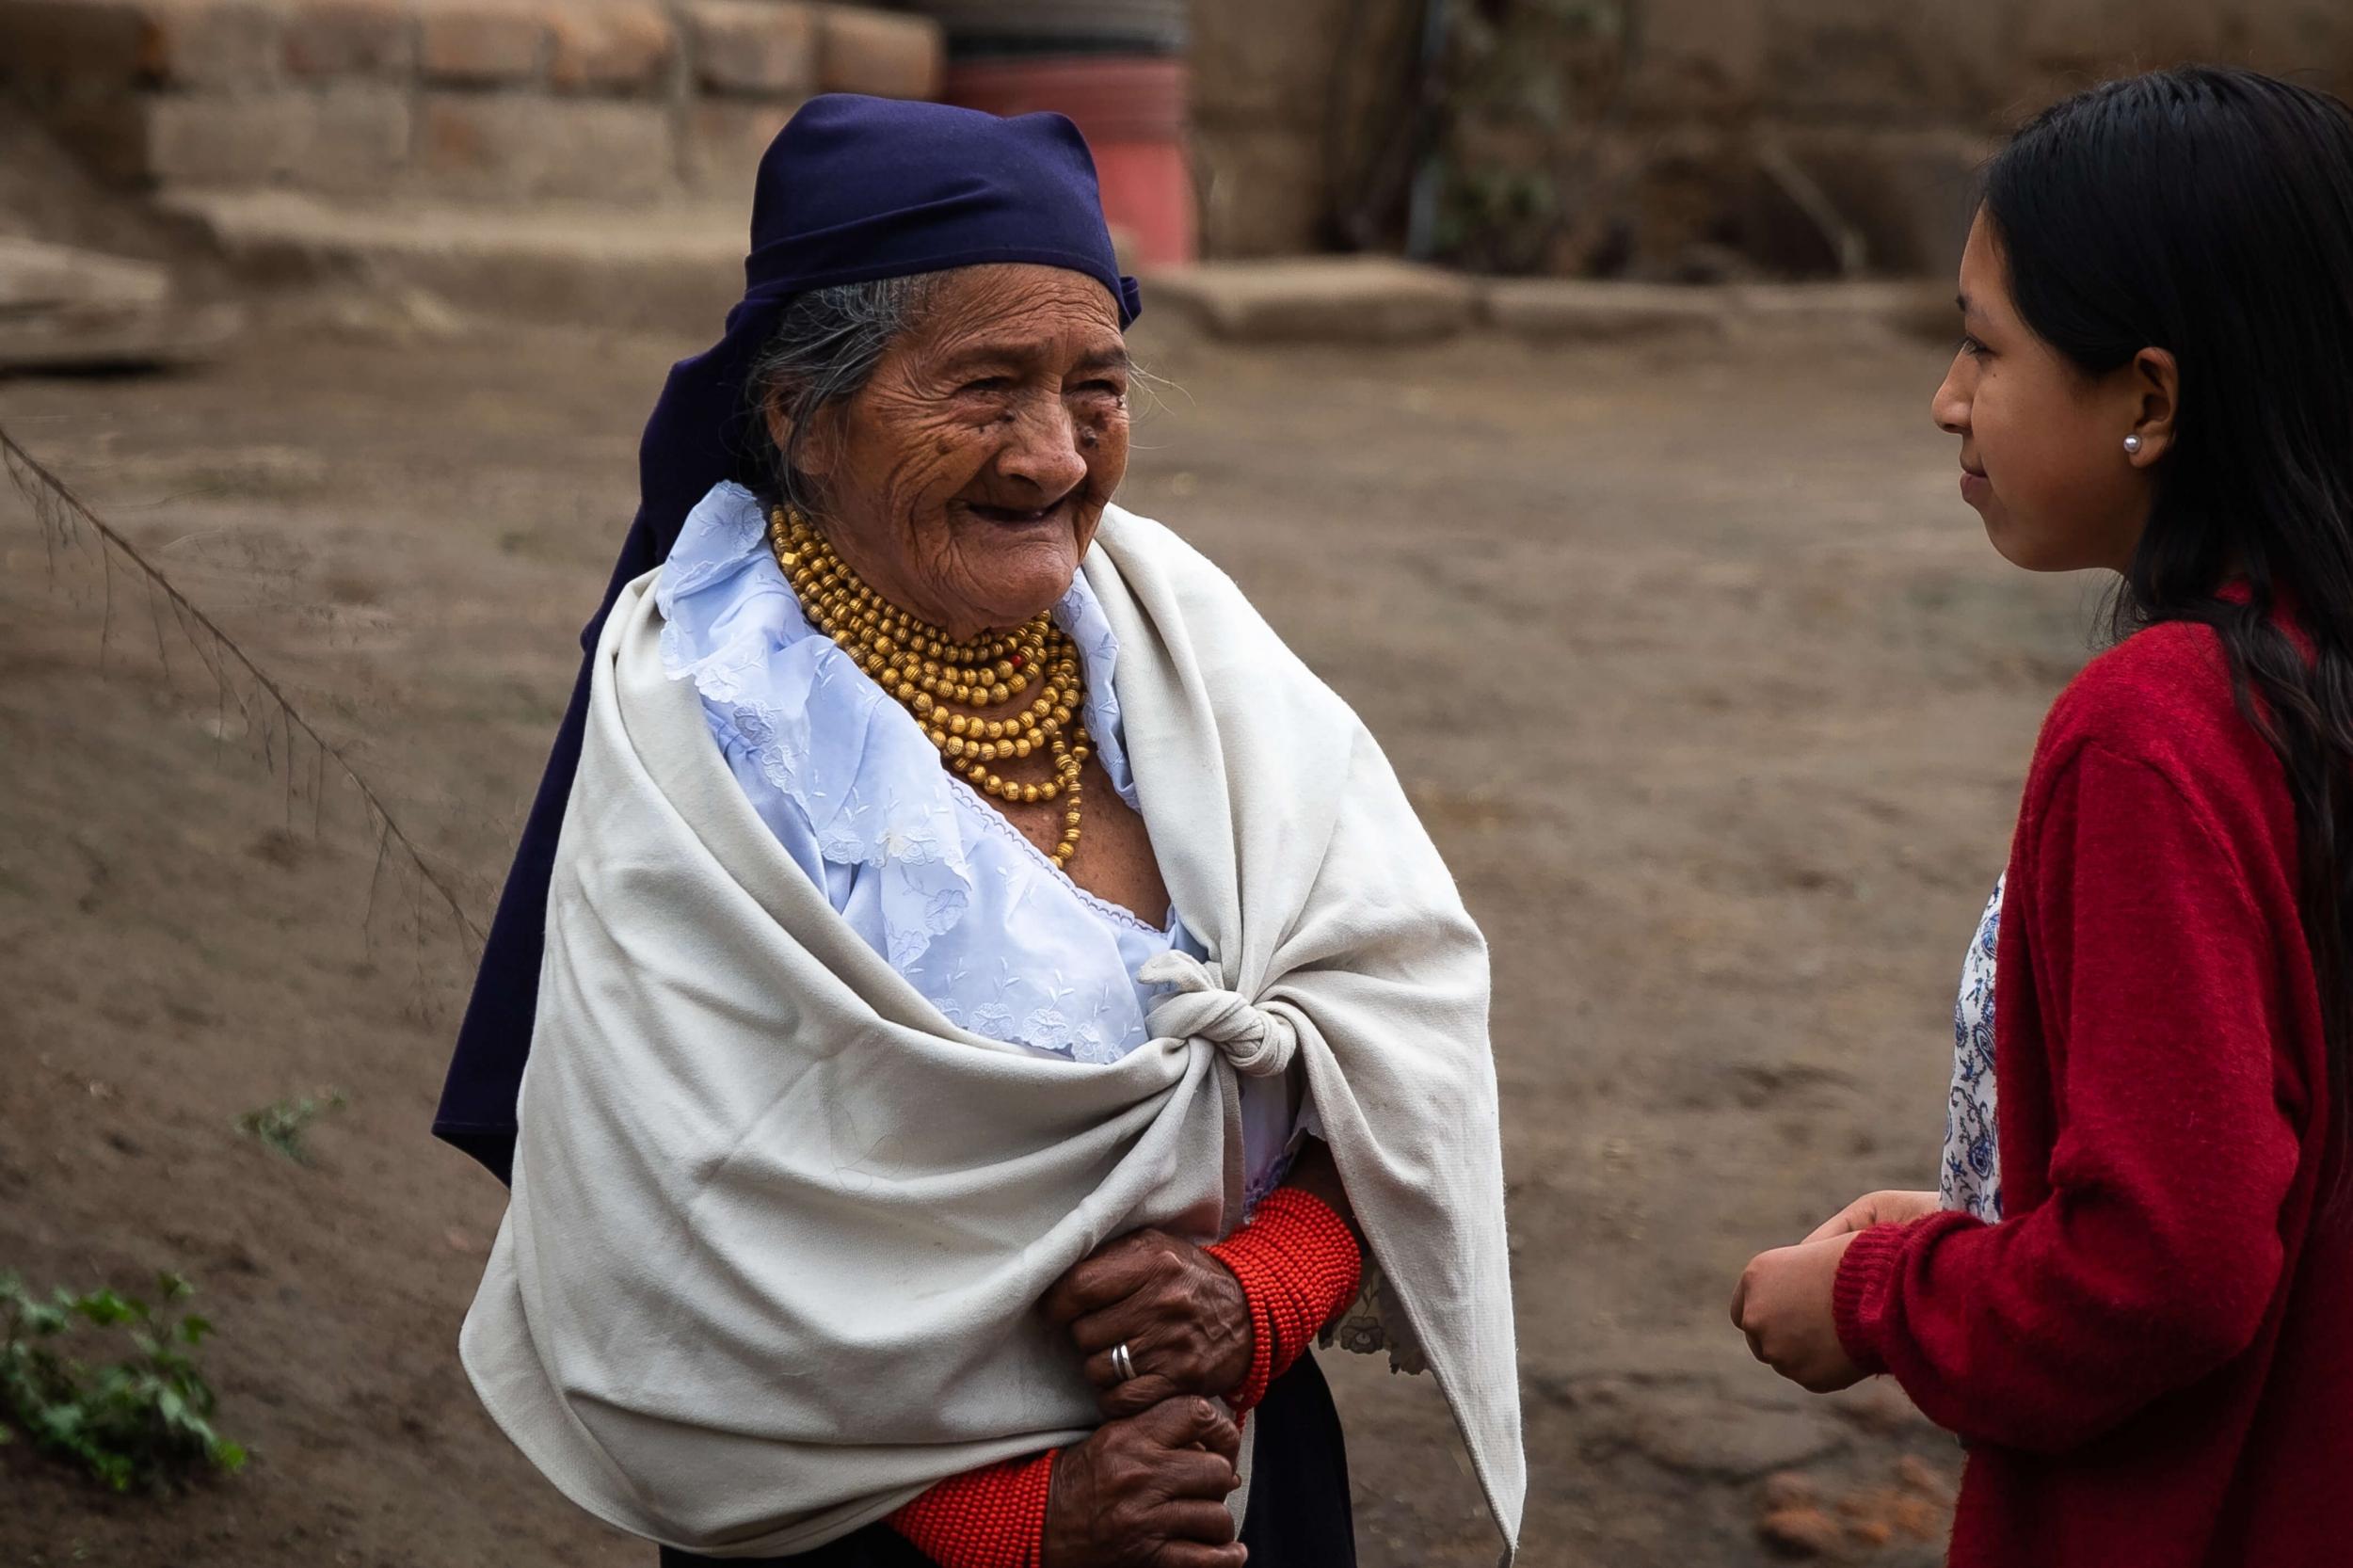 Lomawasi, Otavalo, Marché Otavalo, Indigènes, Equateur, Quito, Blog de voyage, Blog de photographie, Voyage en Equateur